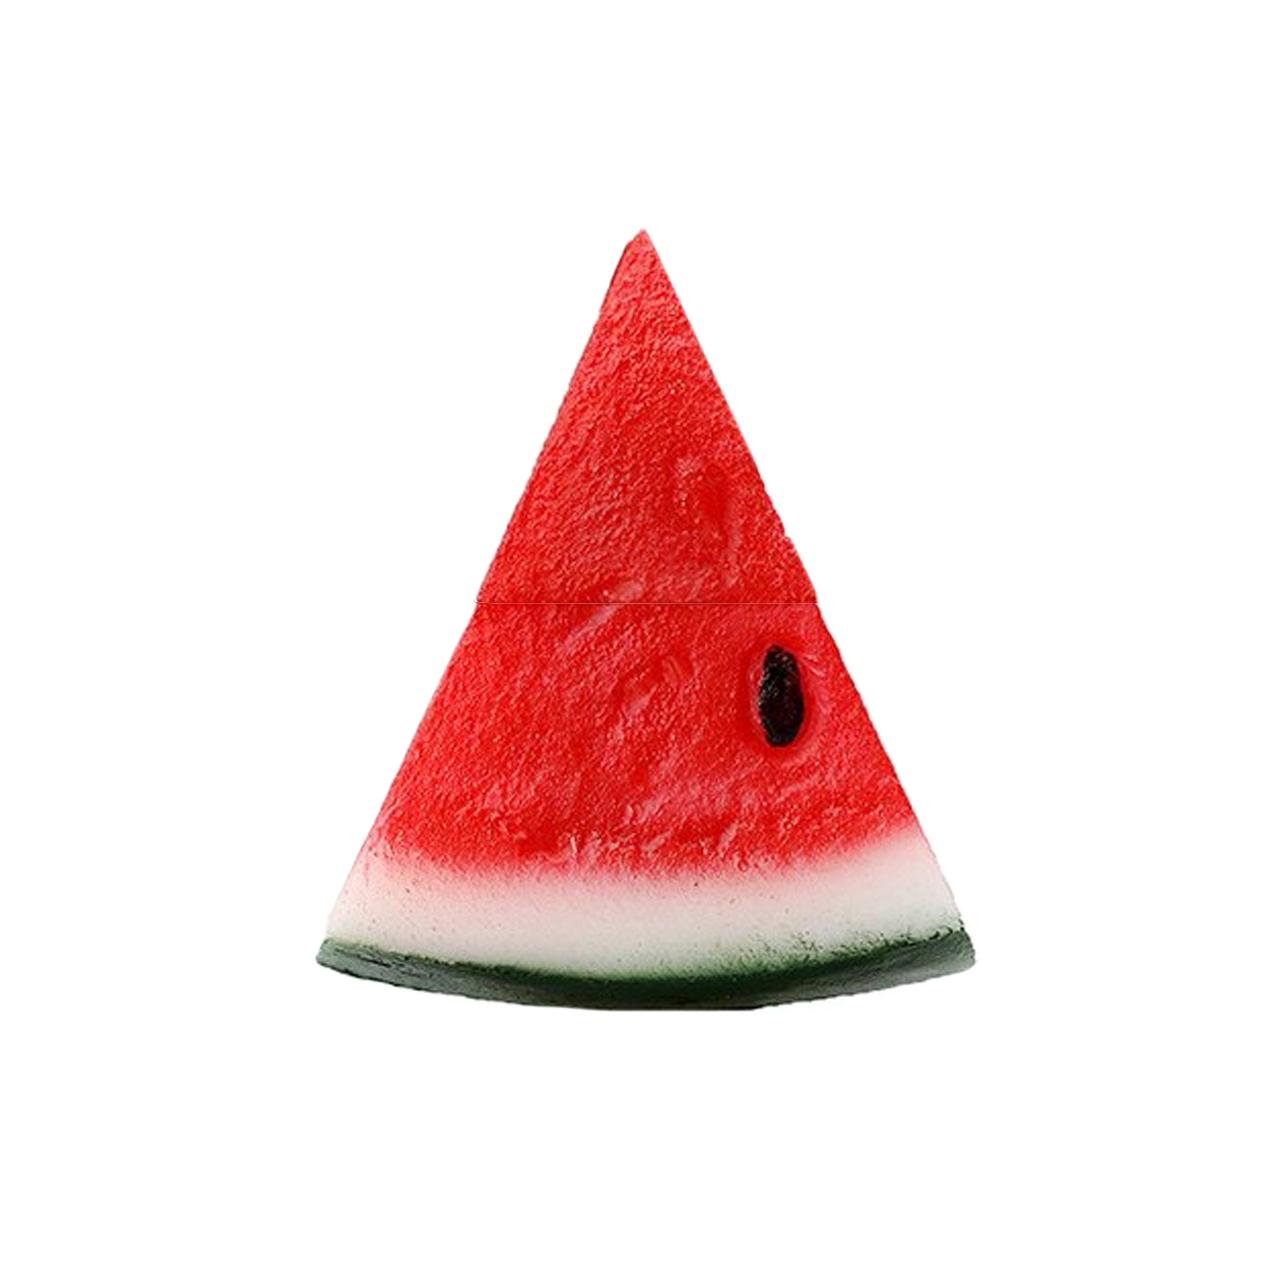 بررسی و {خرید با تخفیف} فلش مموری طرح Melon مدل DAA1143-U3 ظرفیت 128 گیگابایت اصل